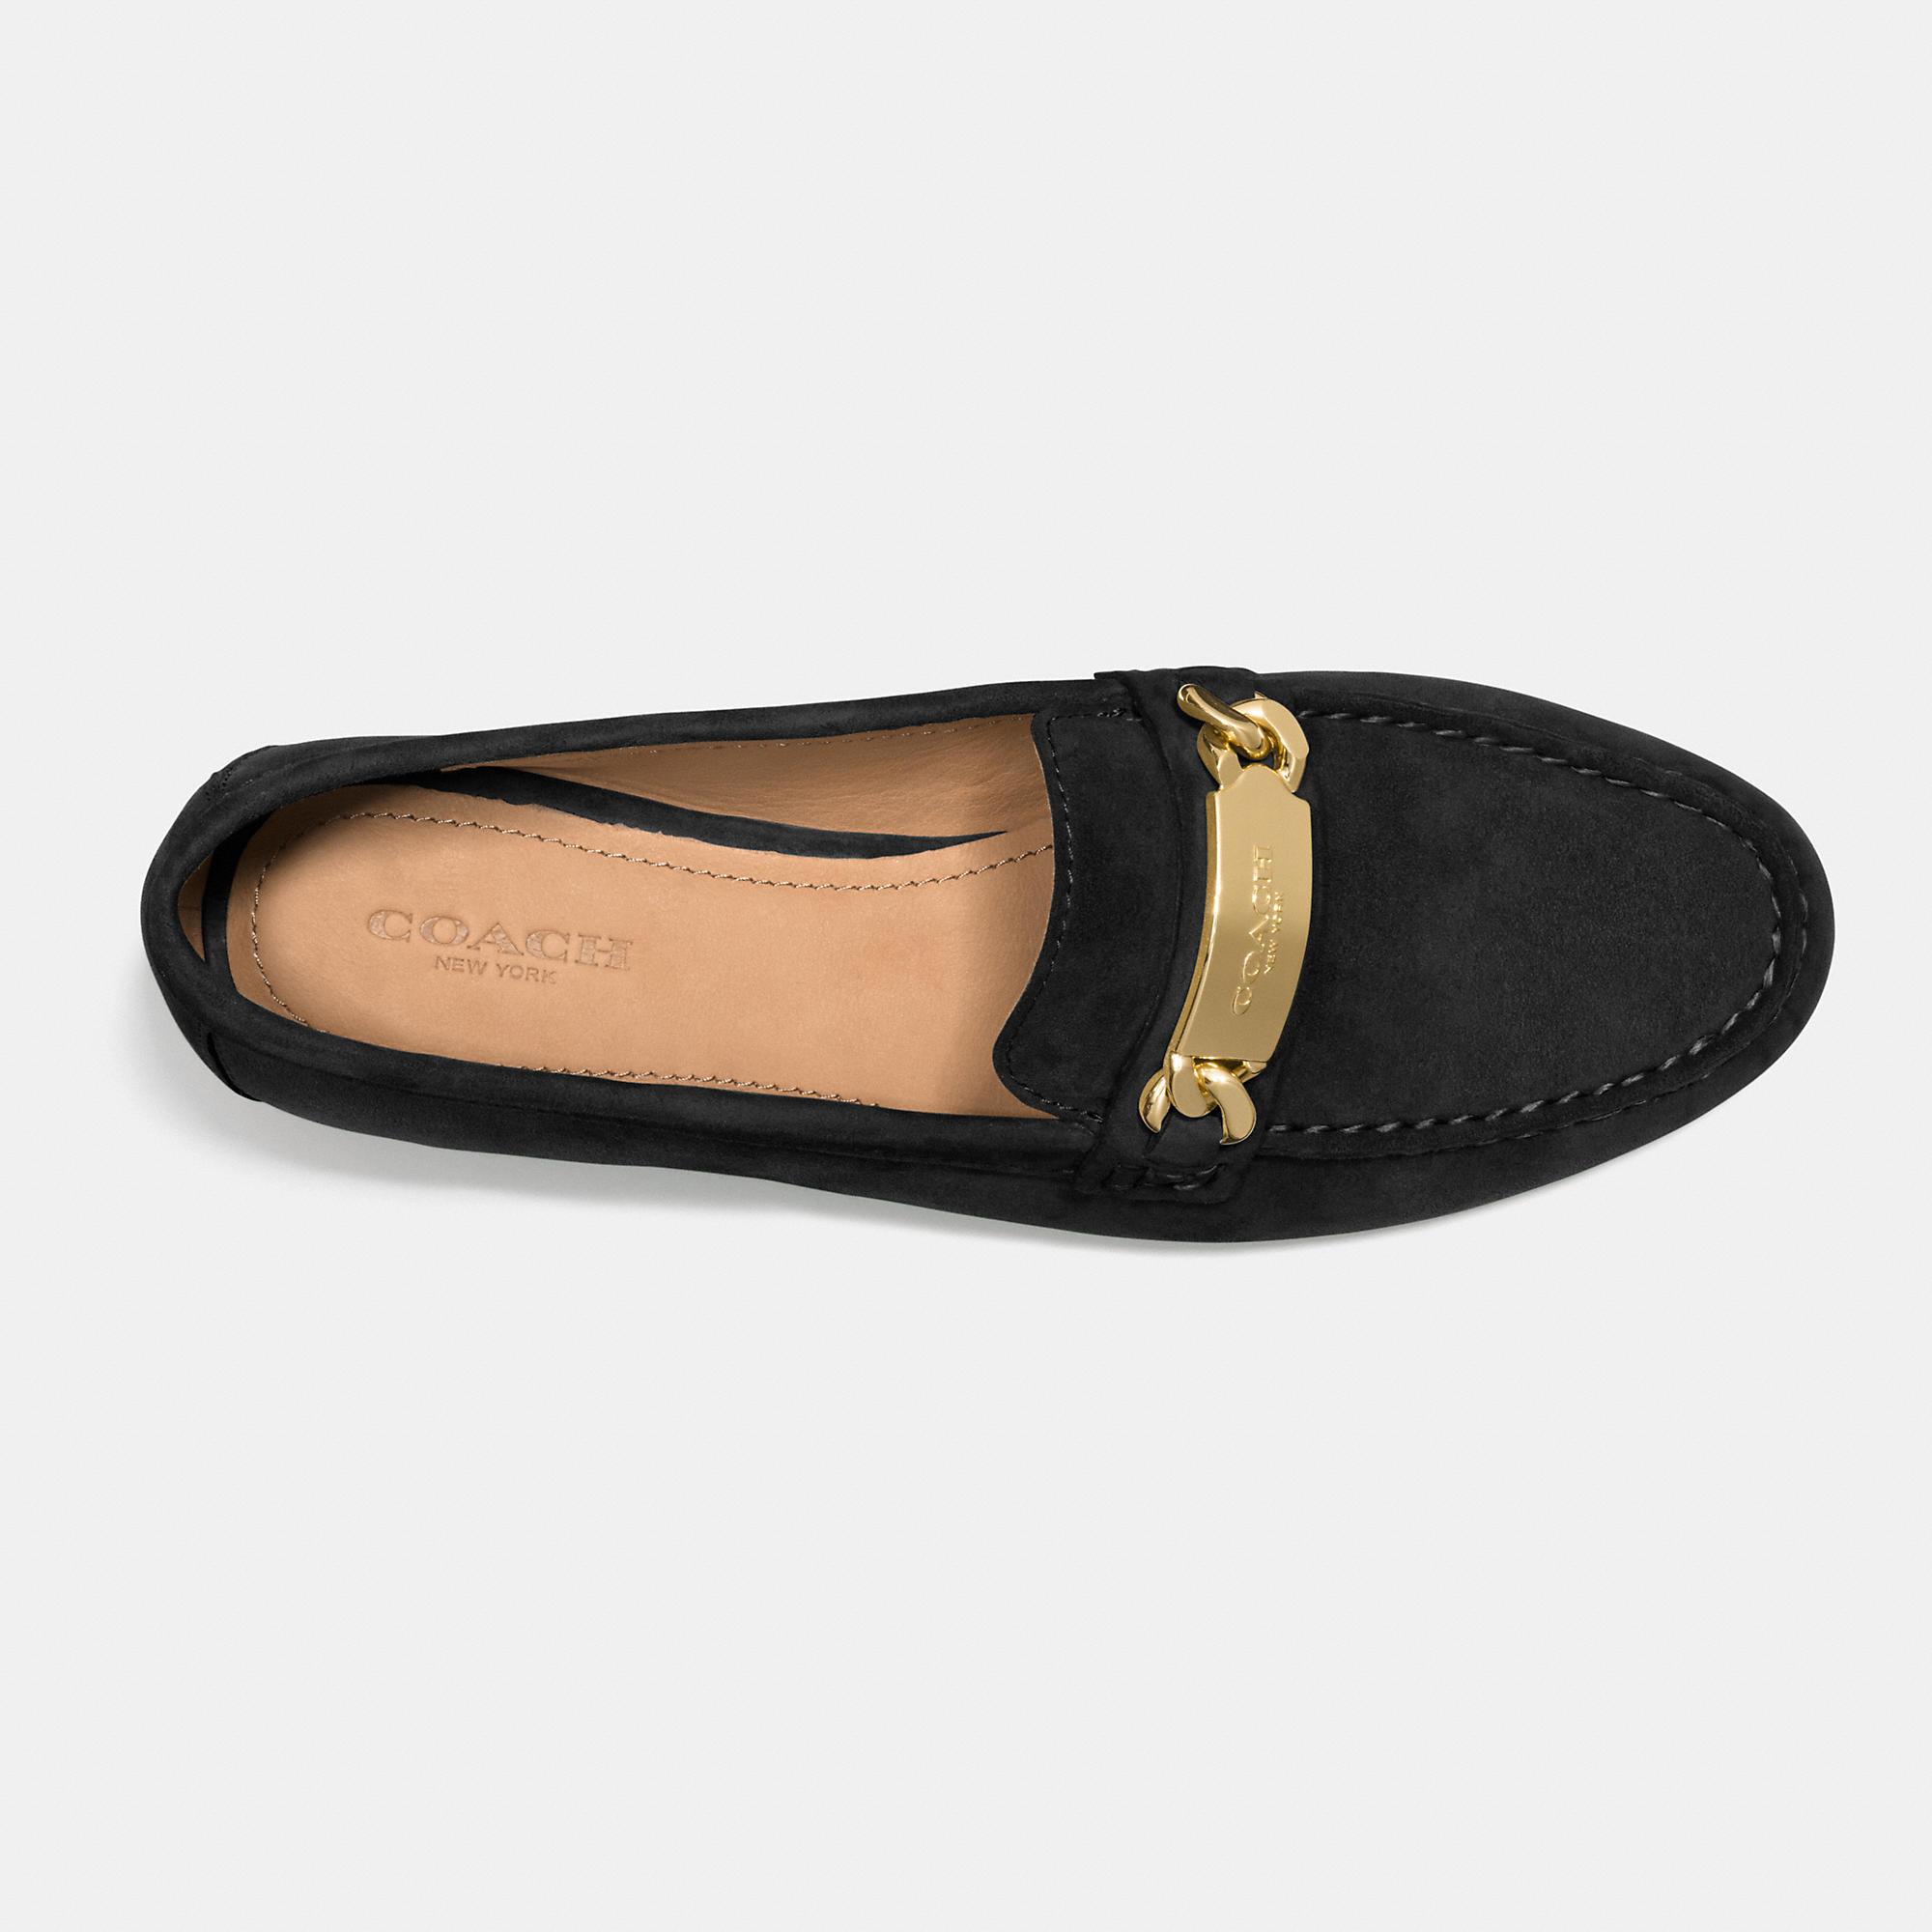 Coach Shoes Australia